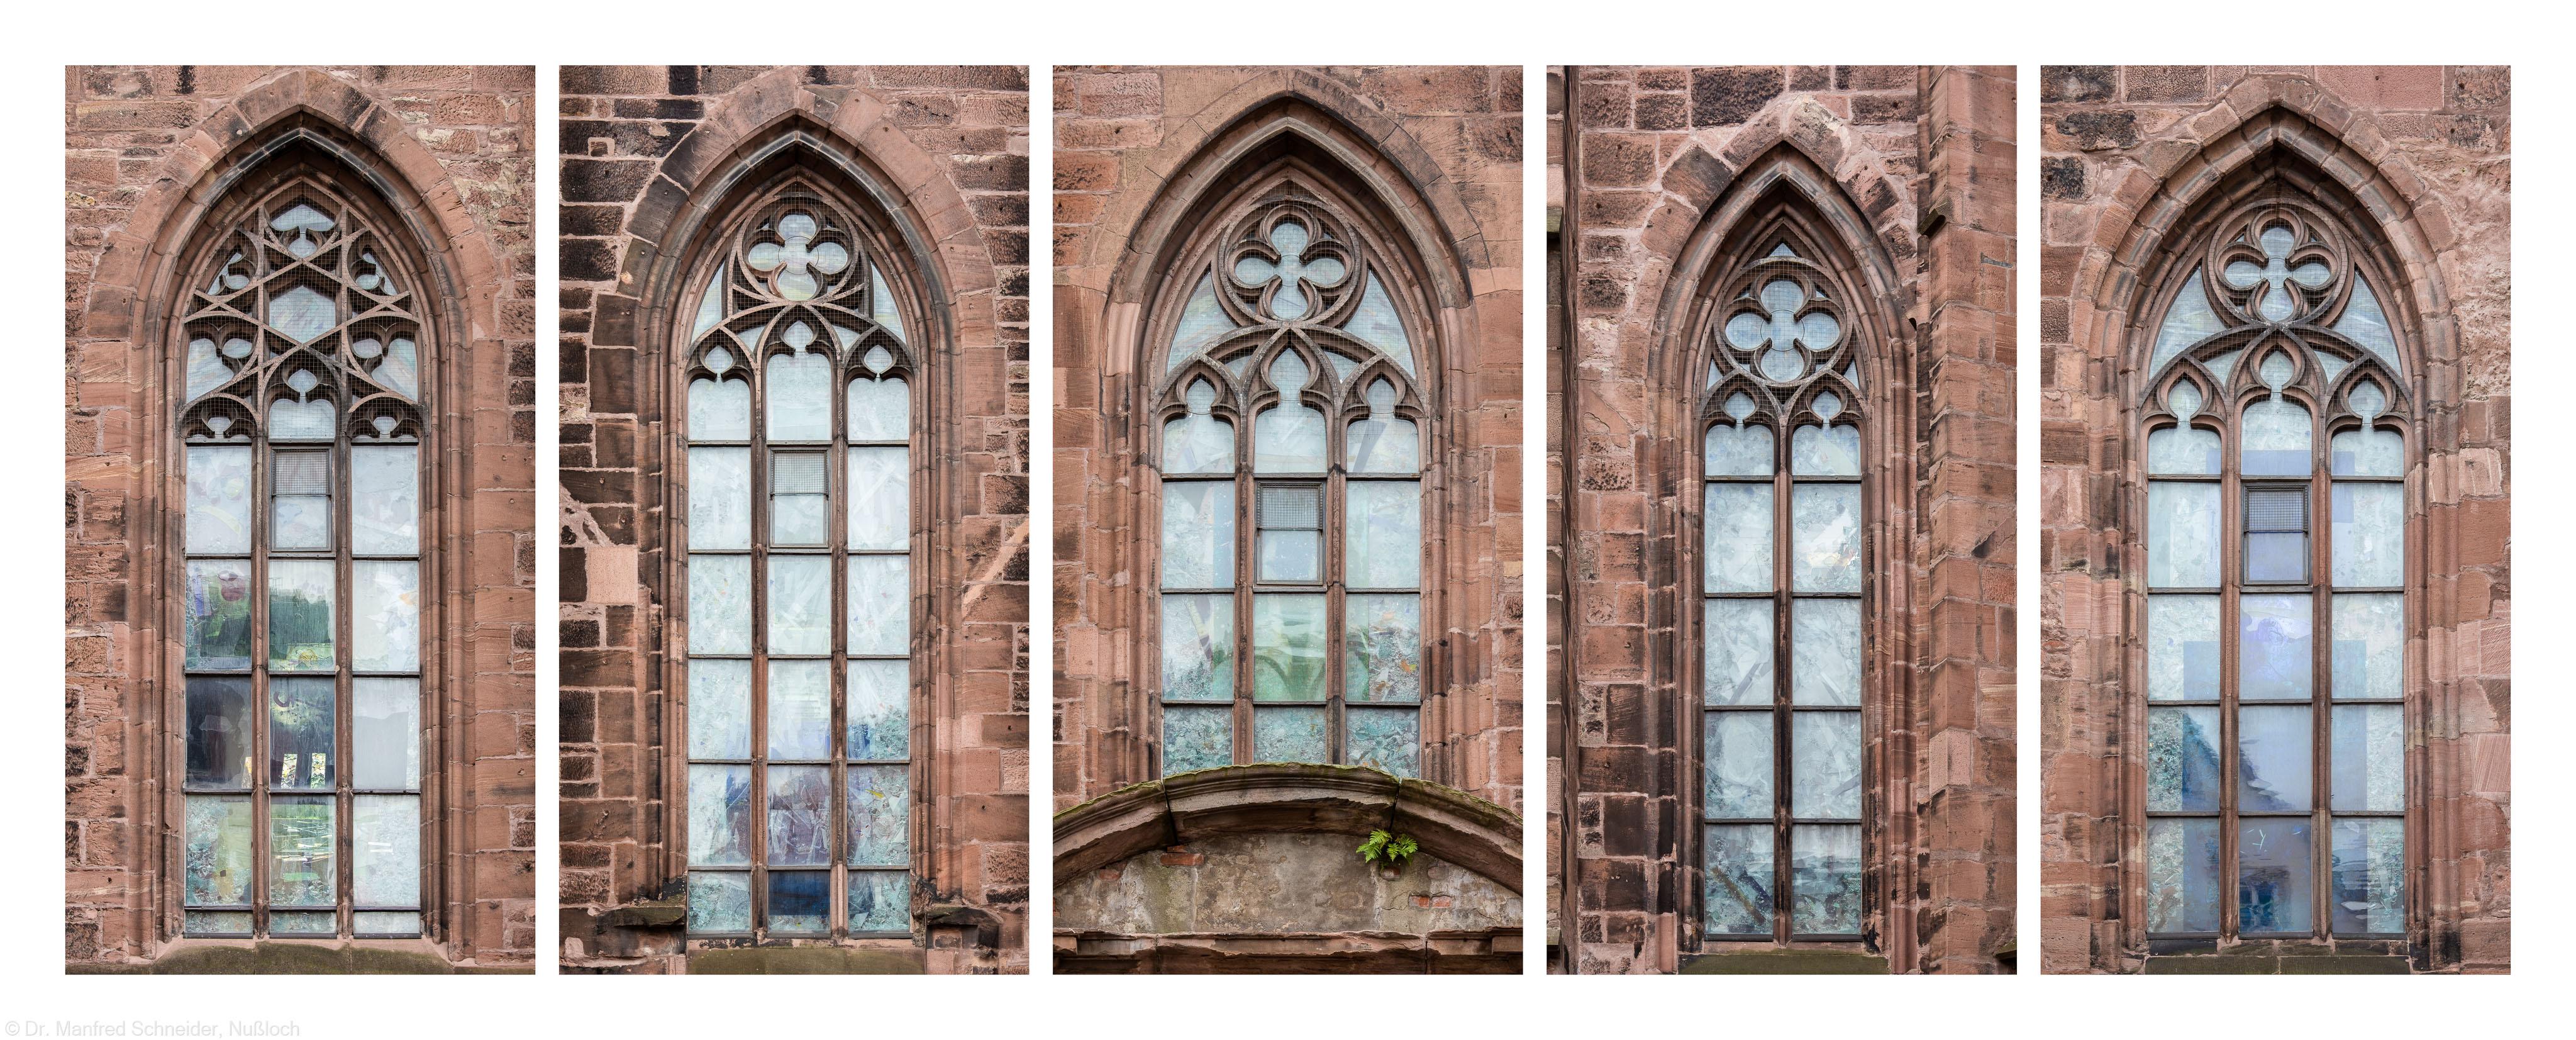 """Heidelberg - Heiliggeistkirche - Nordseite - 5 Fenster des Nordschiffs - Blick auf die Fenster des Zyklus """"Schöpfungsgeschichte"""" von Hella De Santarossa (aufgenommen im Oktober 2015, vormittags)"""